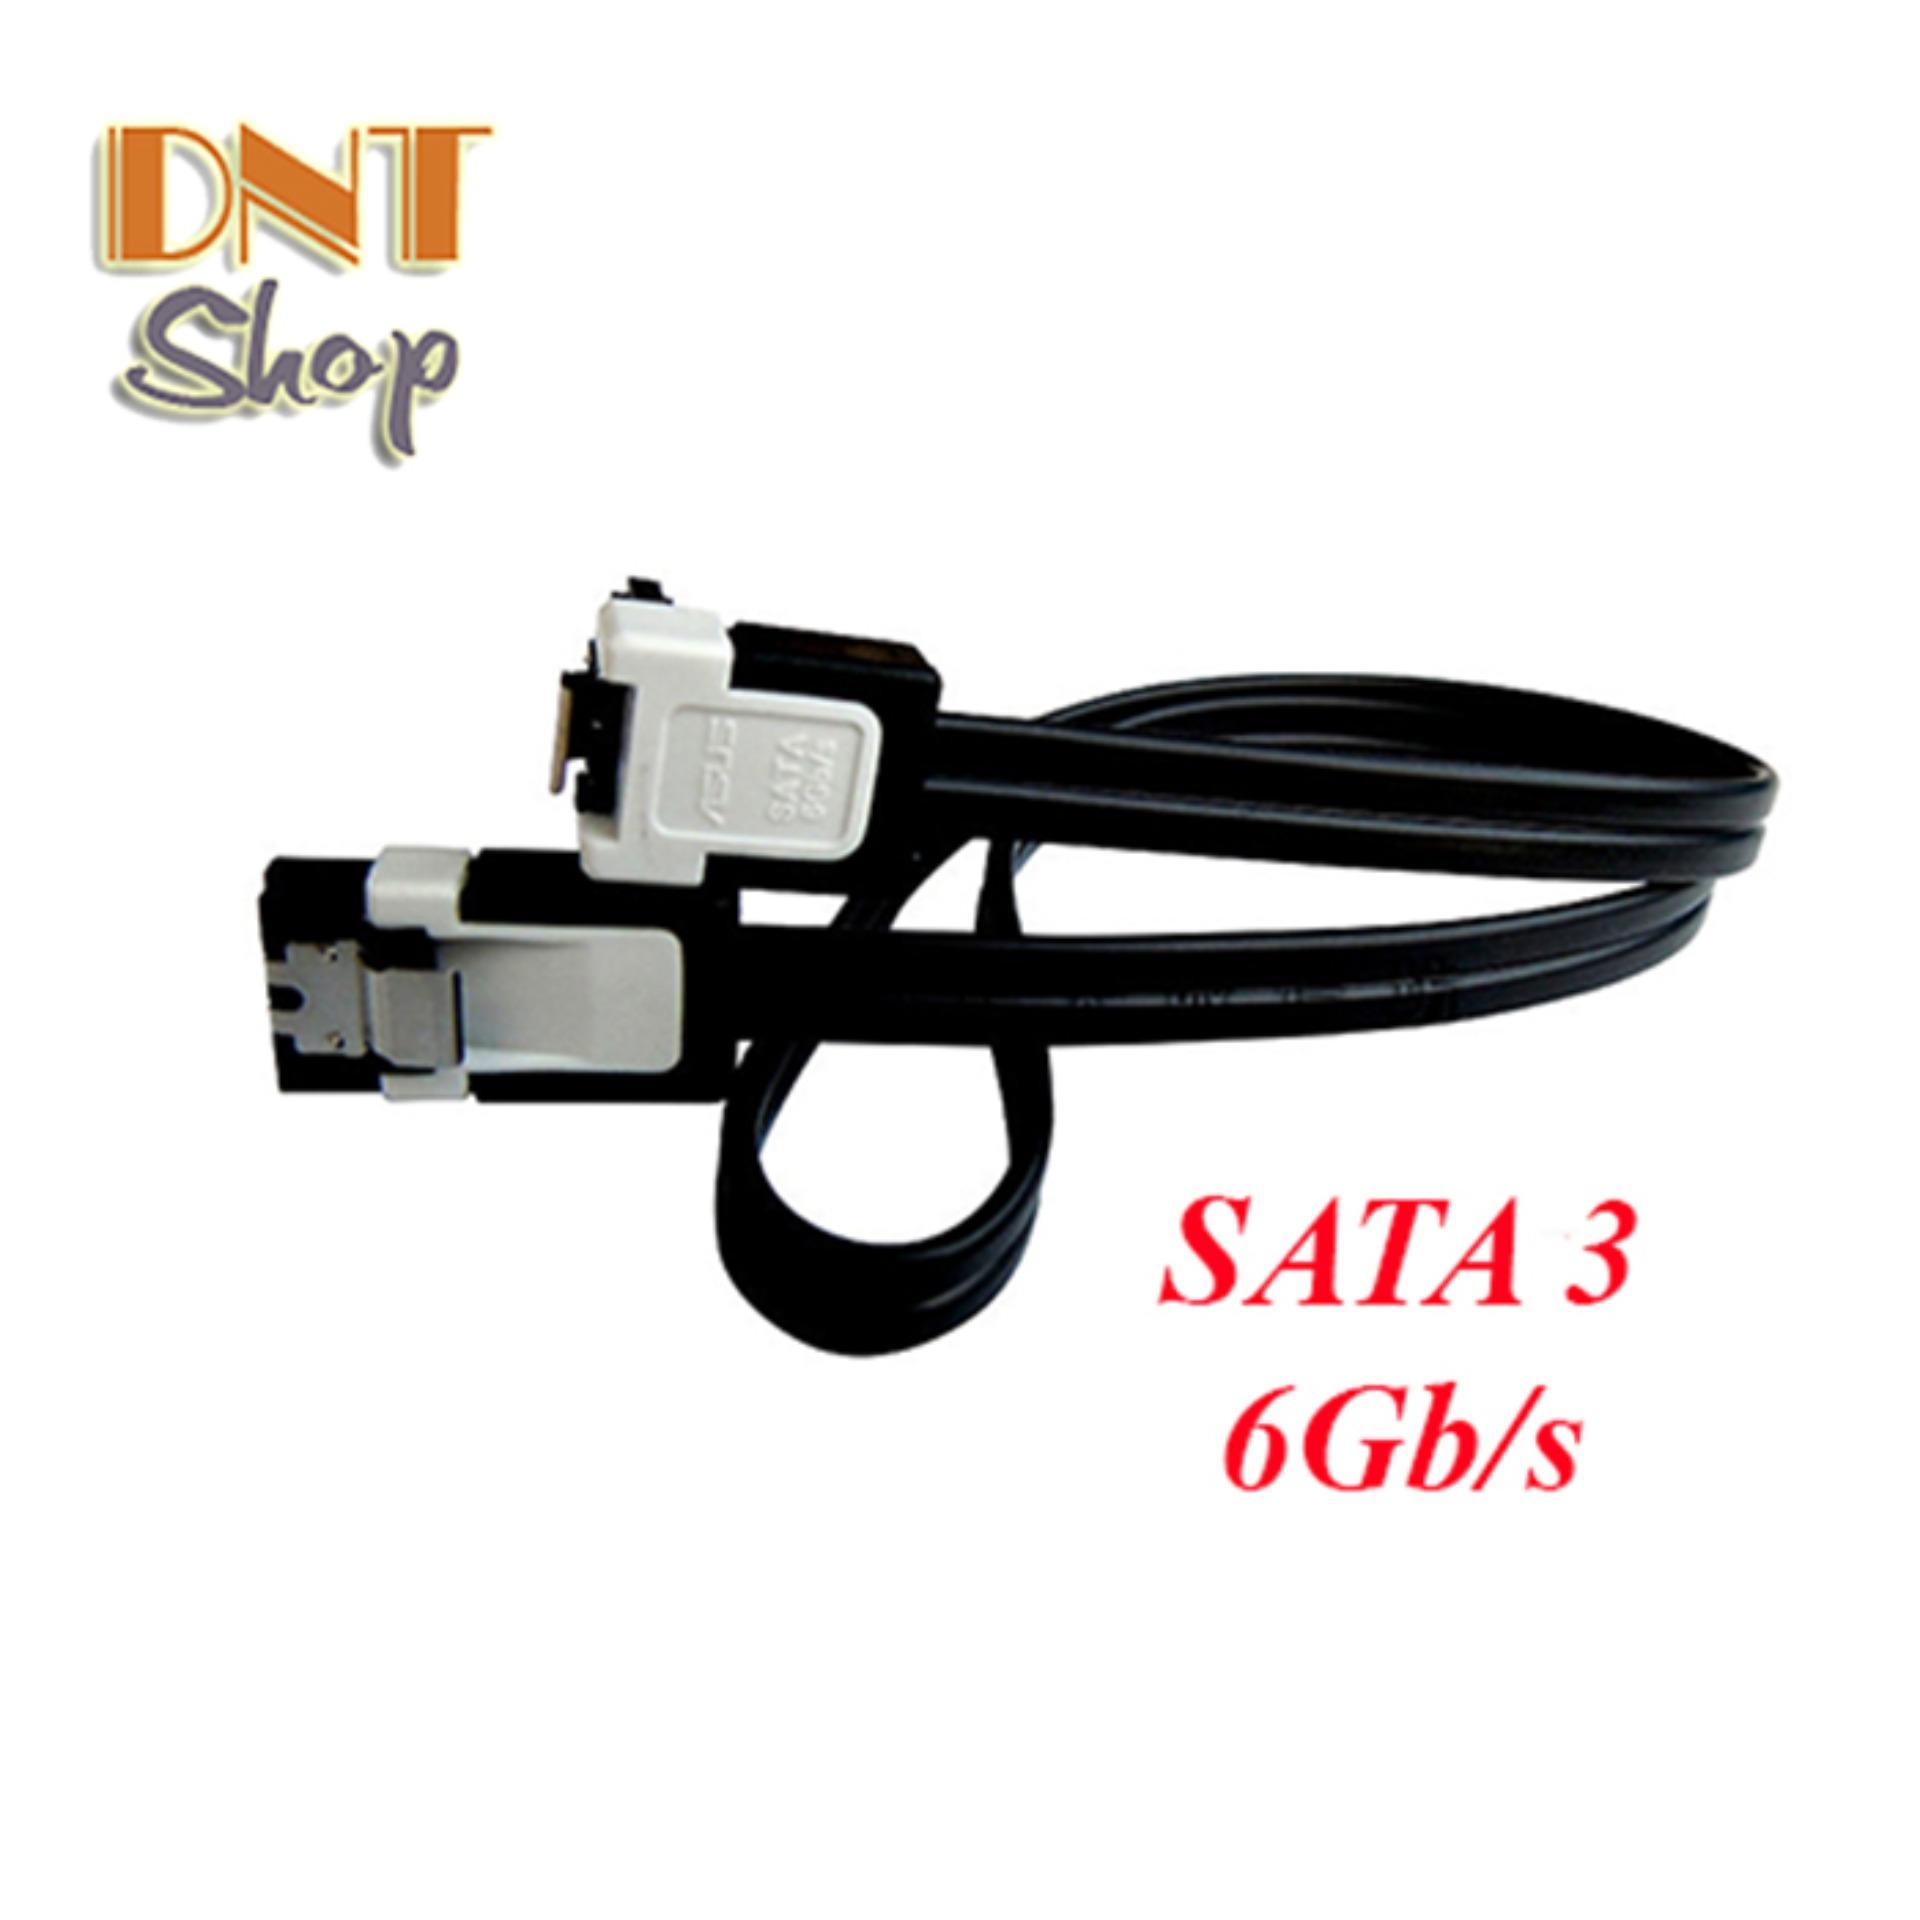 Cáp | Cable SATA 3 (6Gb/s) – Hàng Zin theo Main Giga/Asus dùng cho Máy Bàn/Server